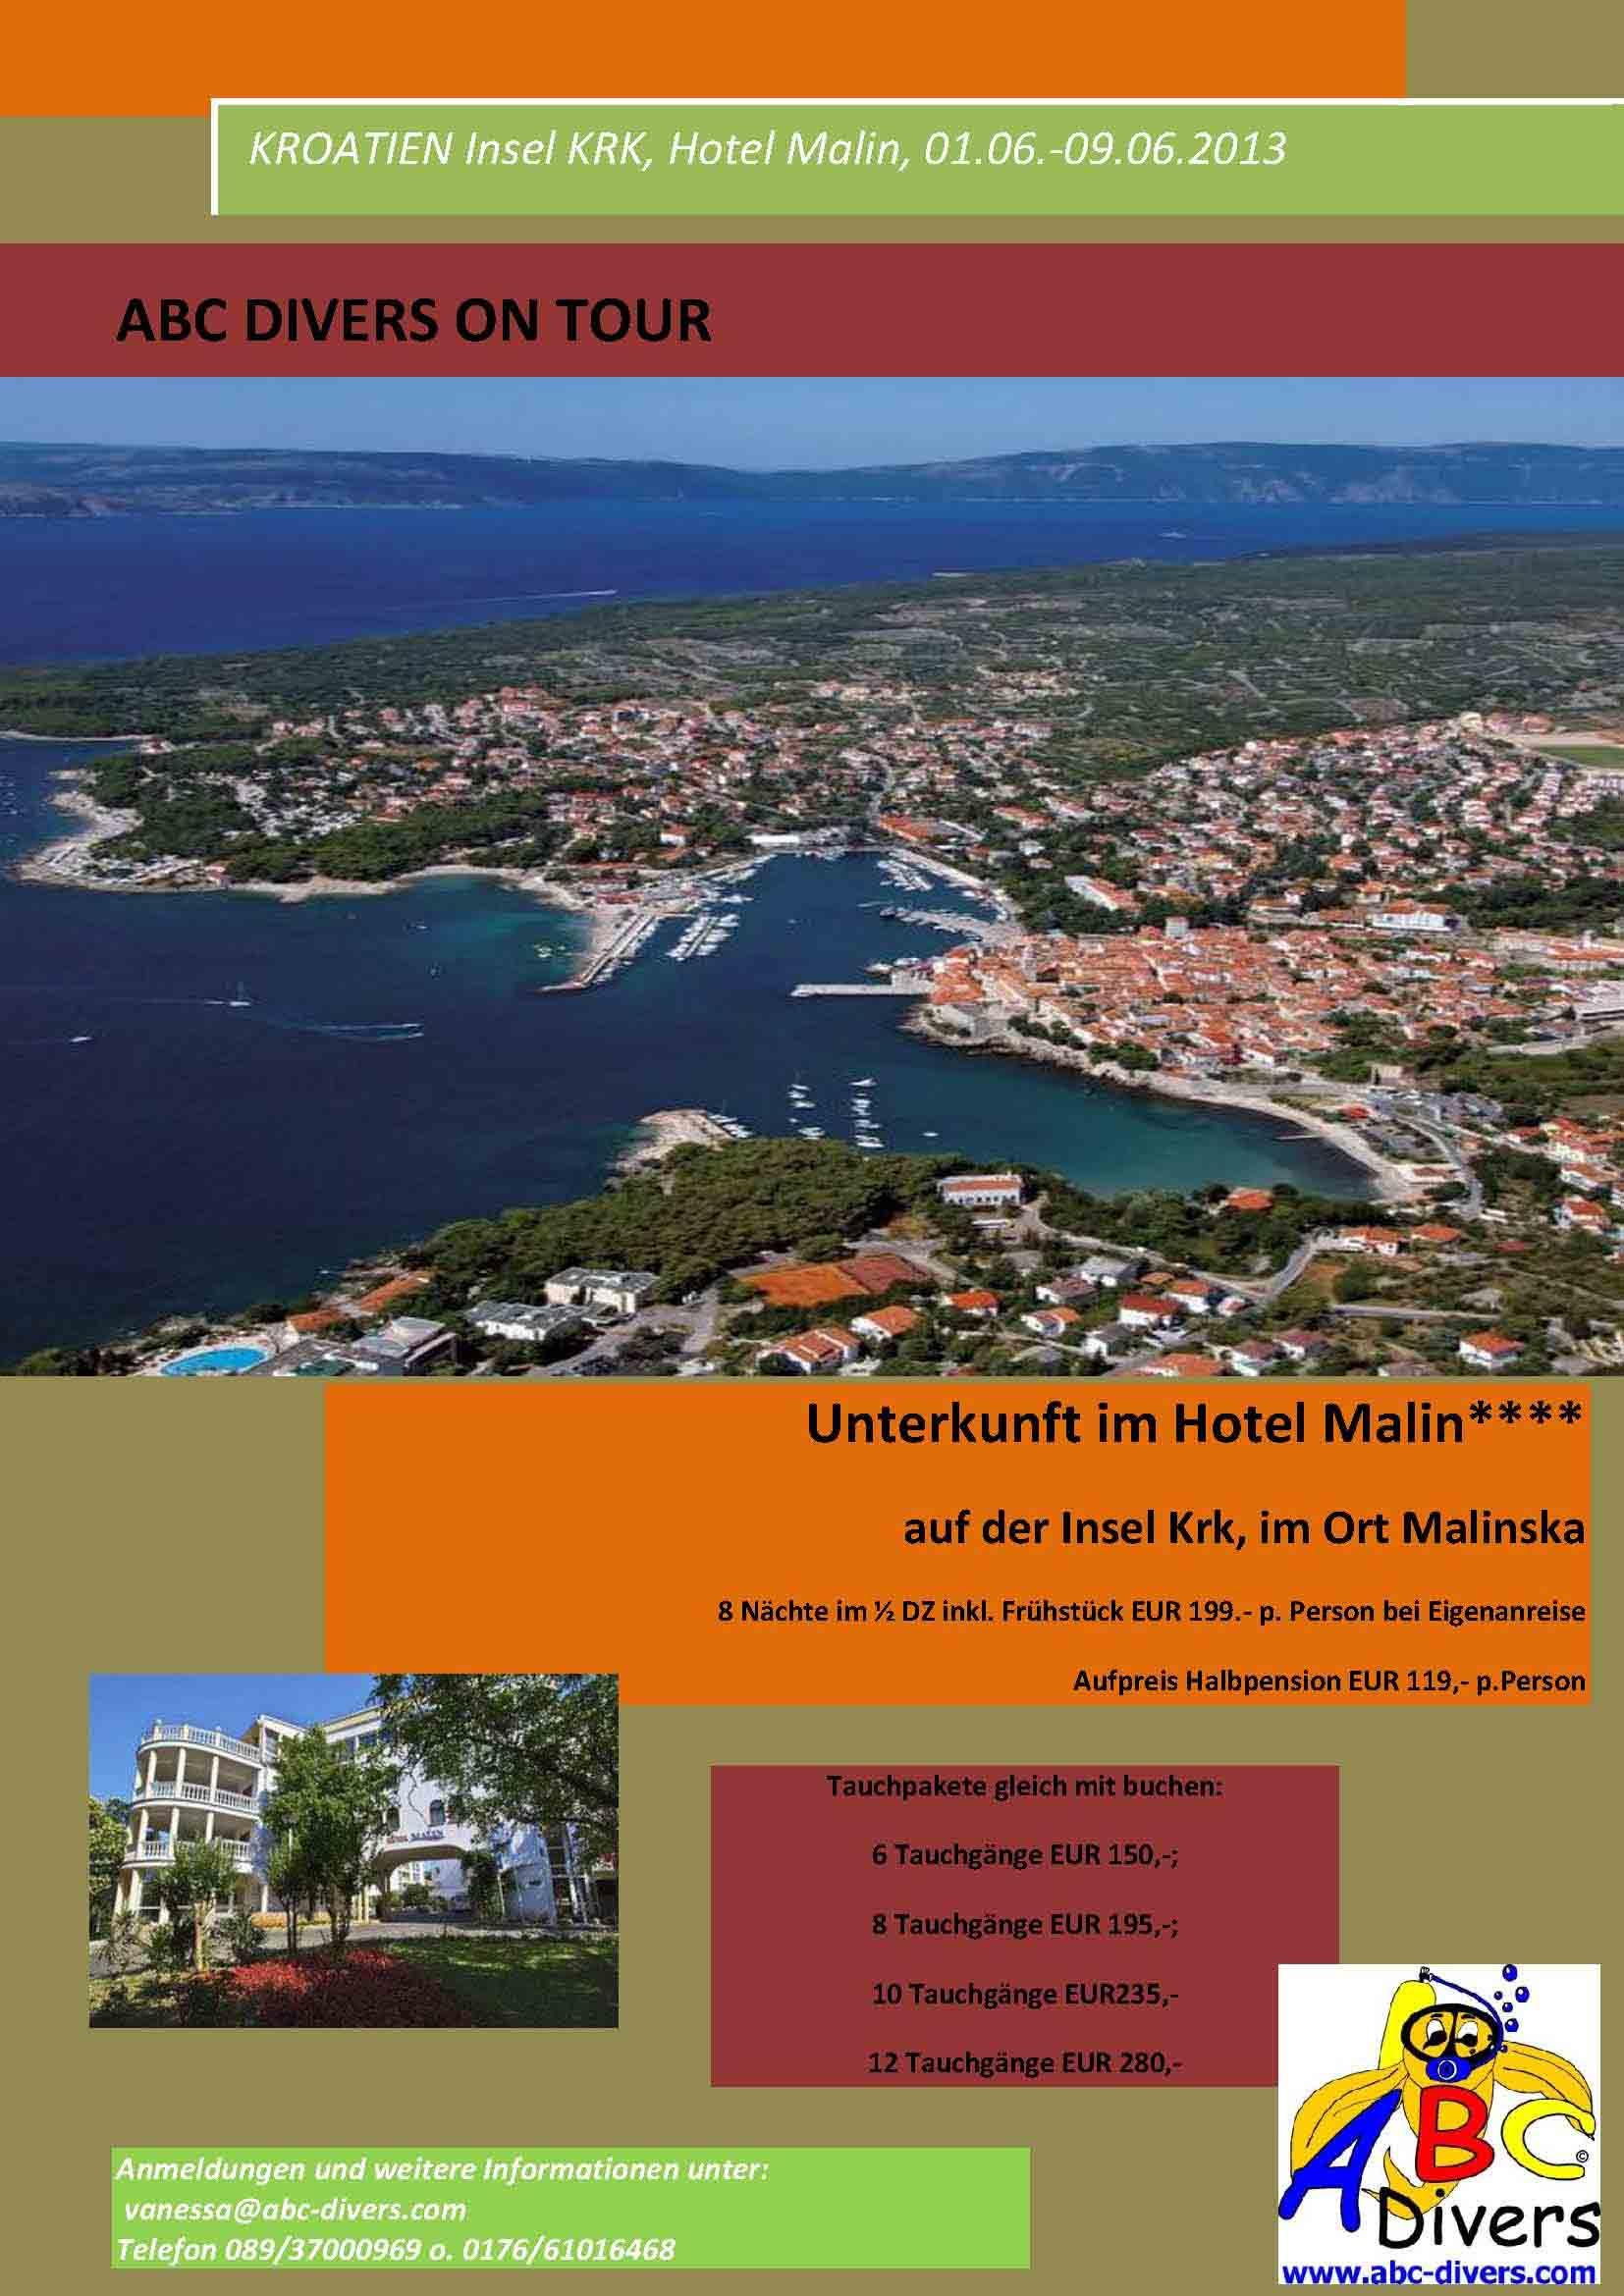 Kroatien Flyer 01.06.-09.06.2013